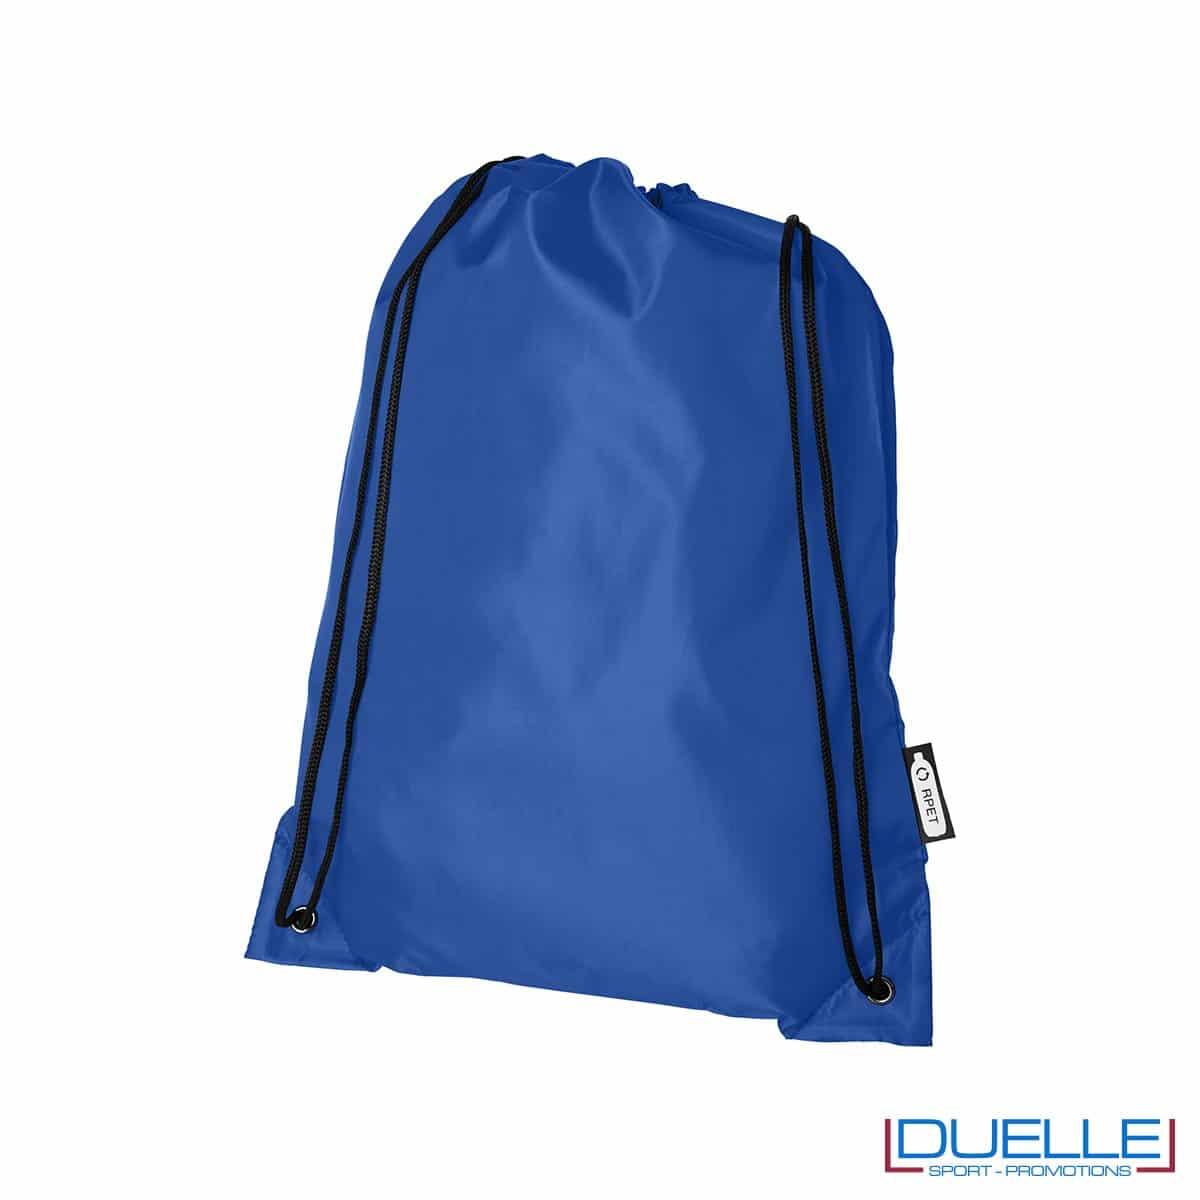 zainetto economico in plastica riciclata colore blu royal